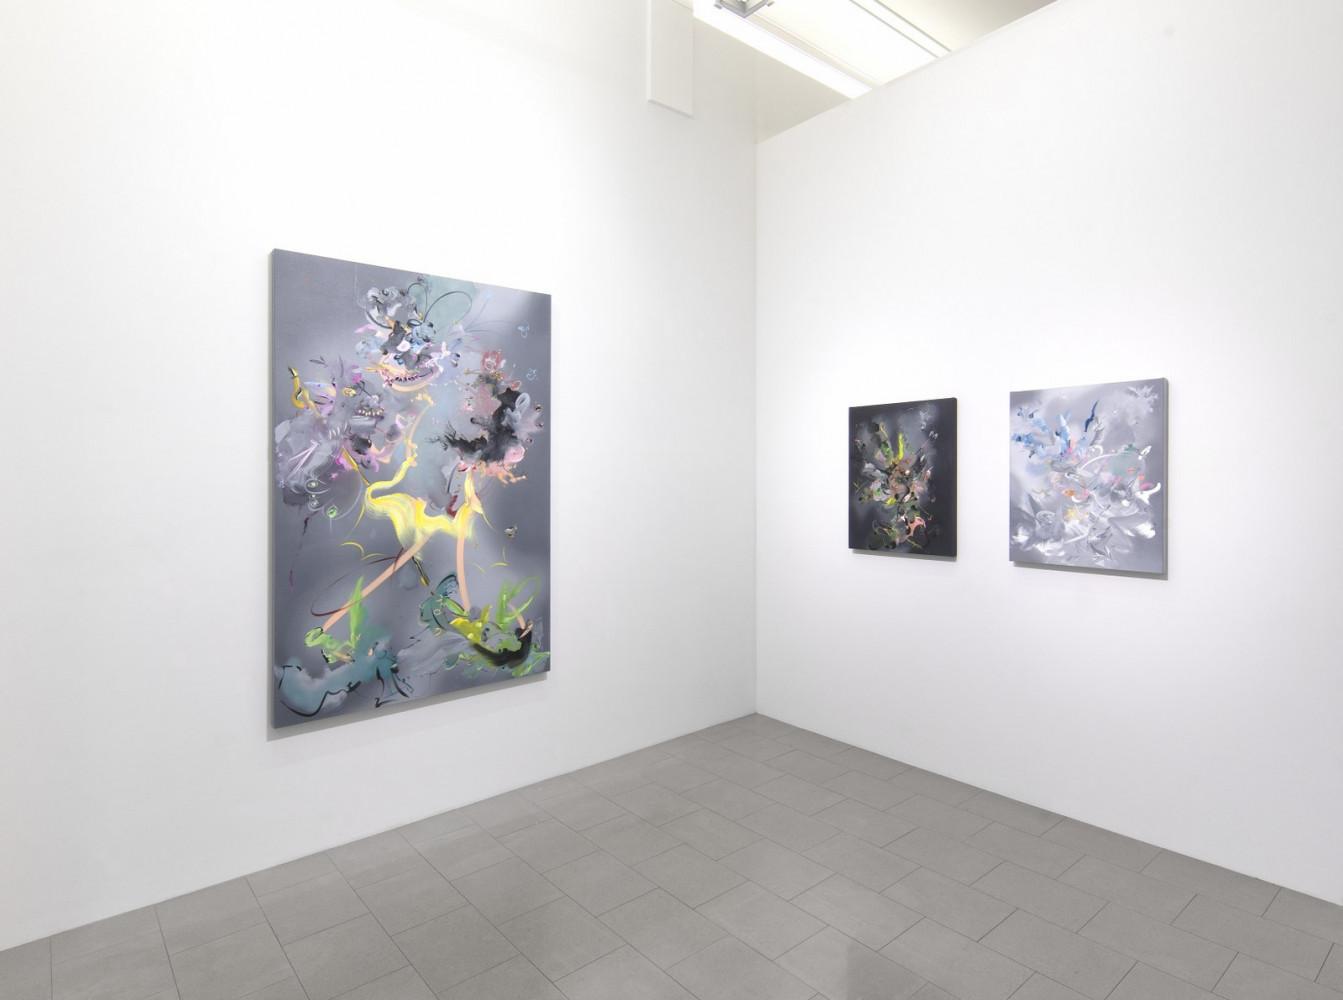 Fiona Rae, Installation view, Buchmann Lugano / Via della Posta, 2017